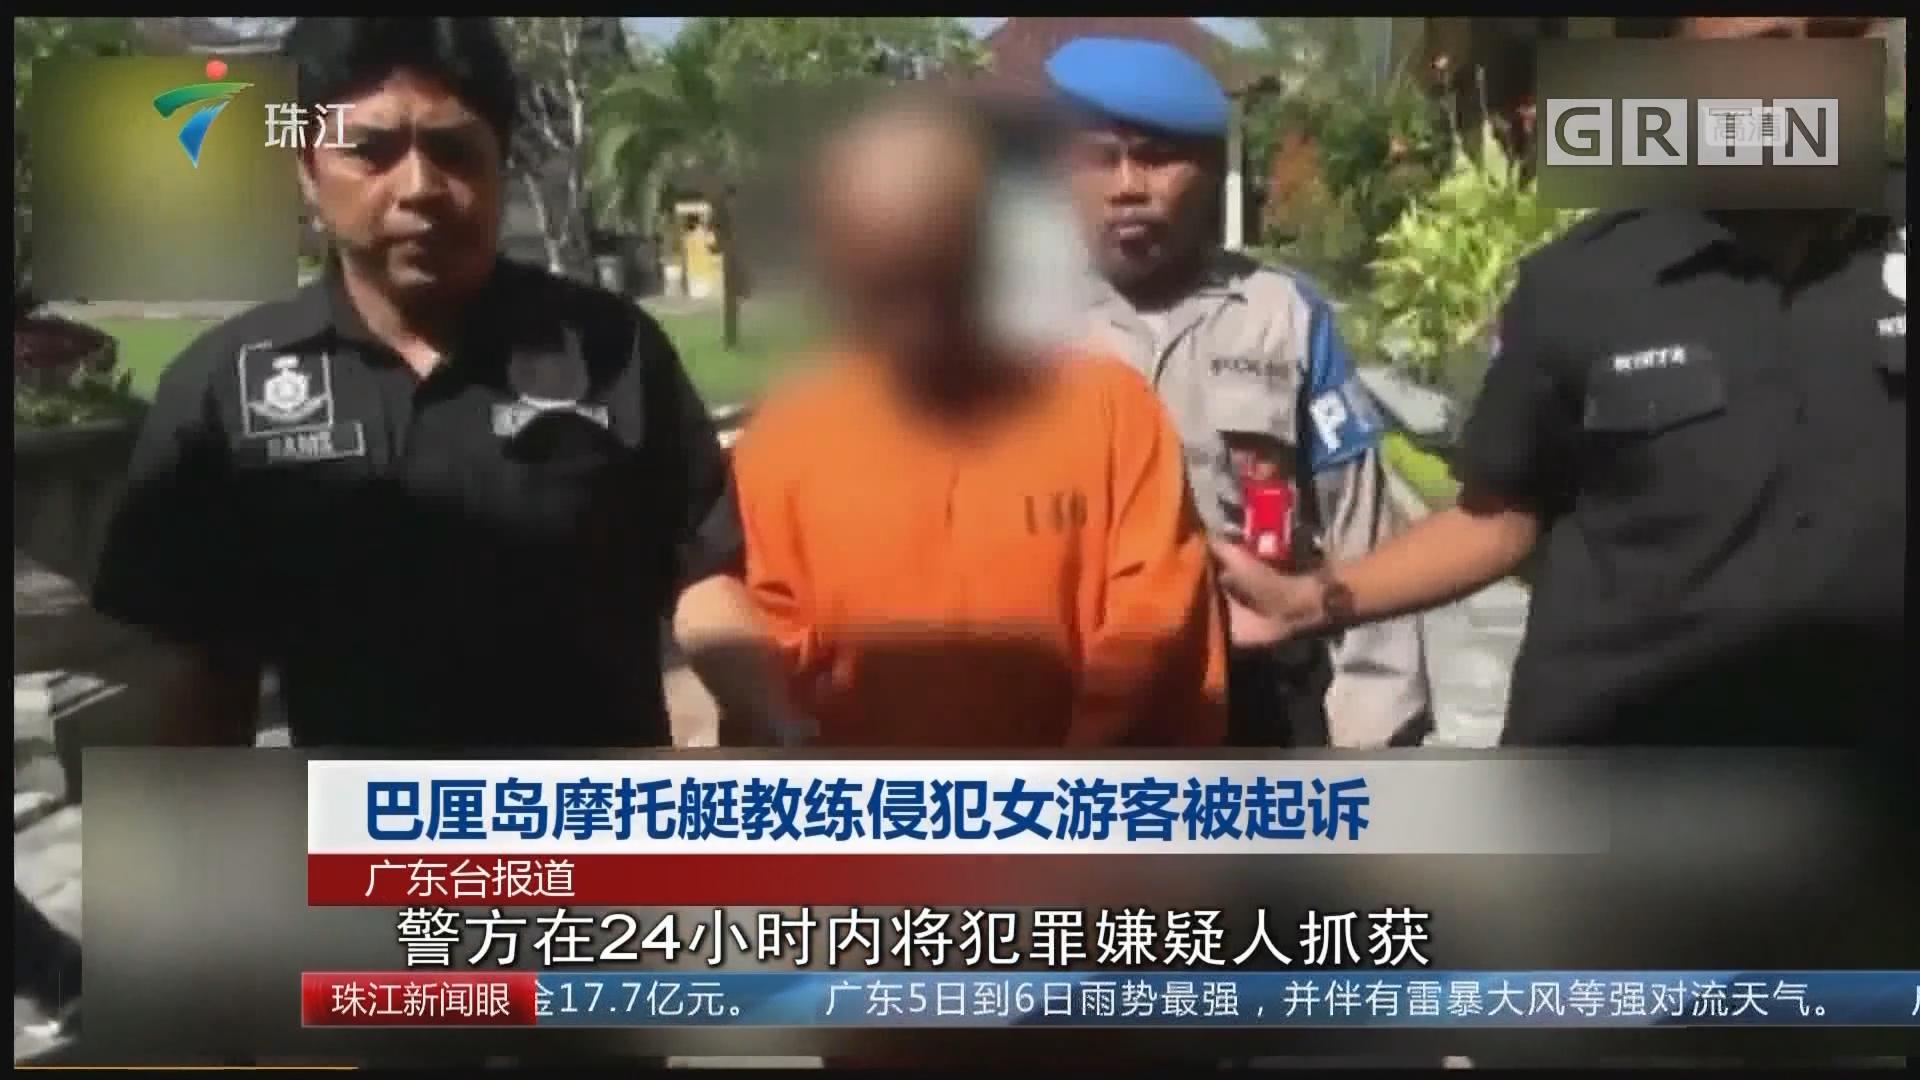 巴厘岛摩托艇教练侵犯女游客被起诉